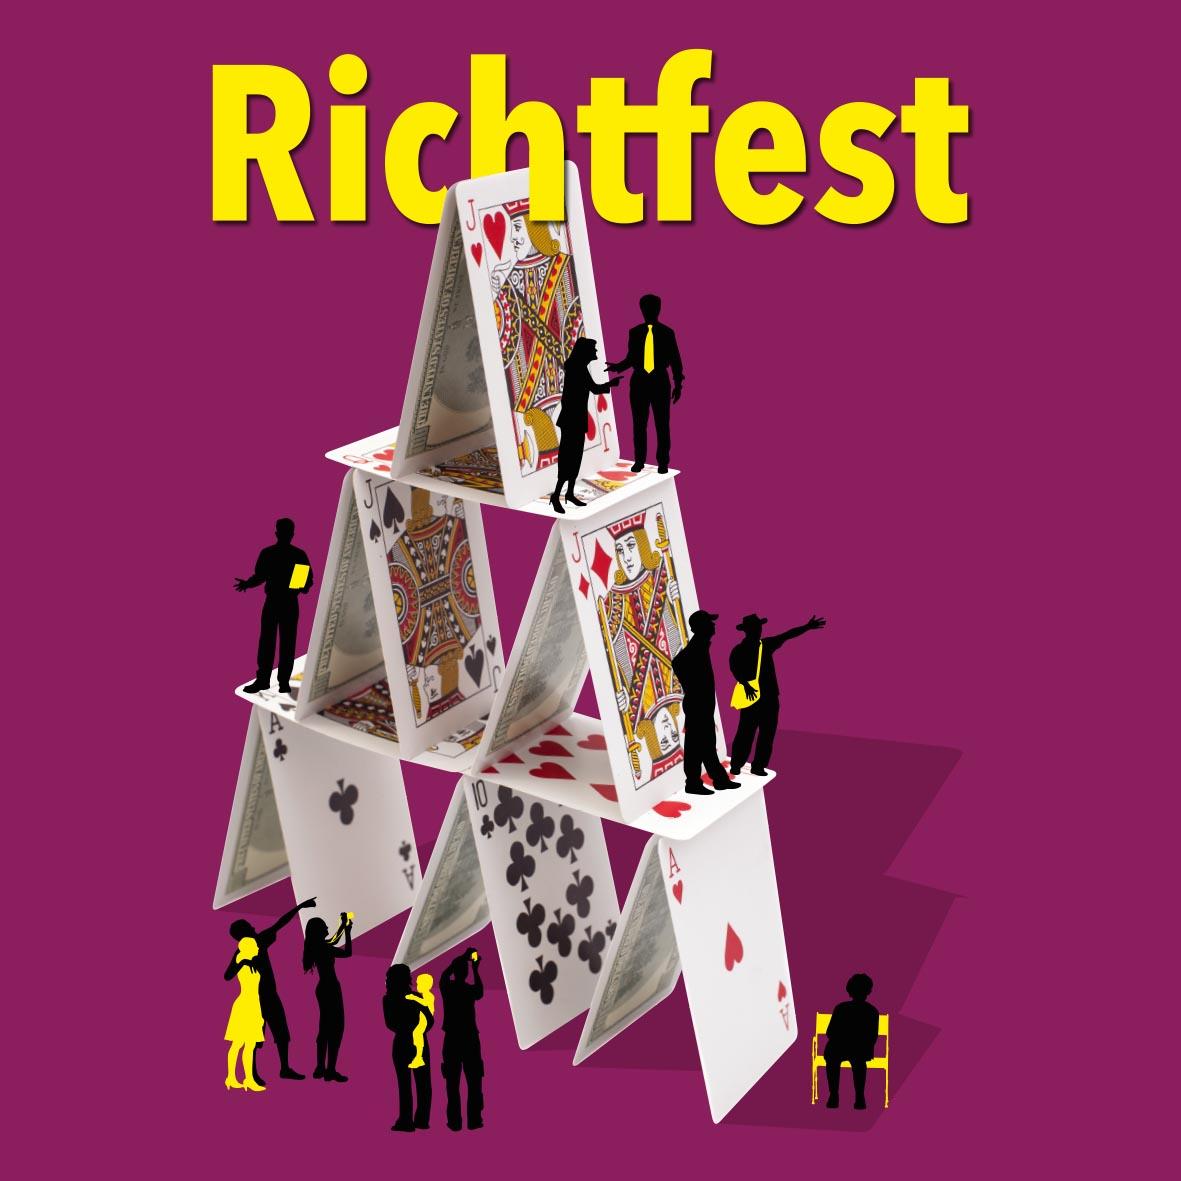 Richtfest_b47